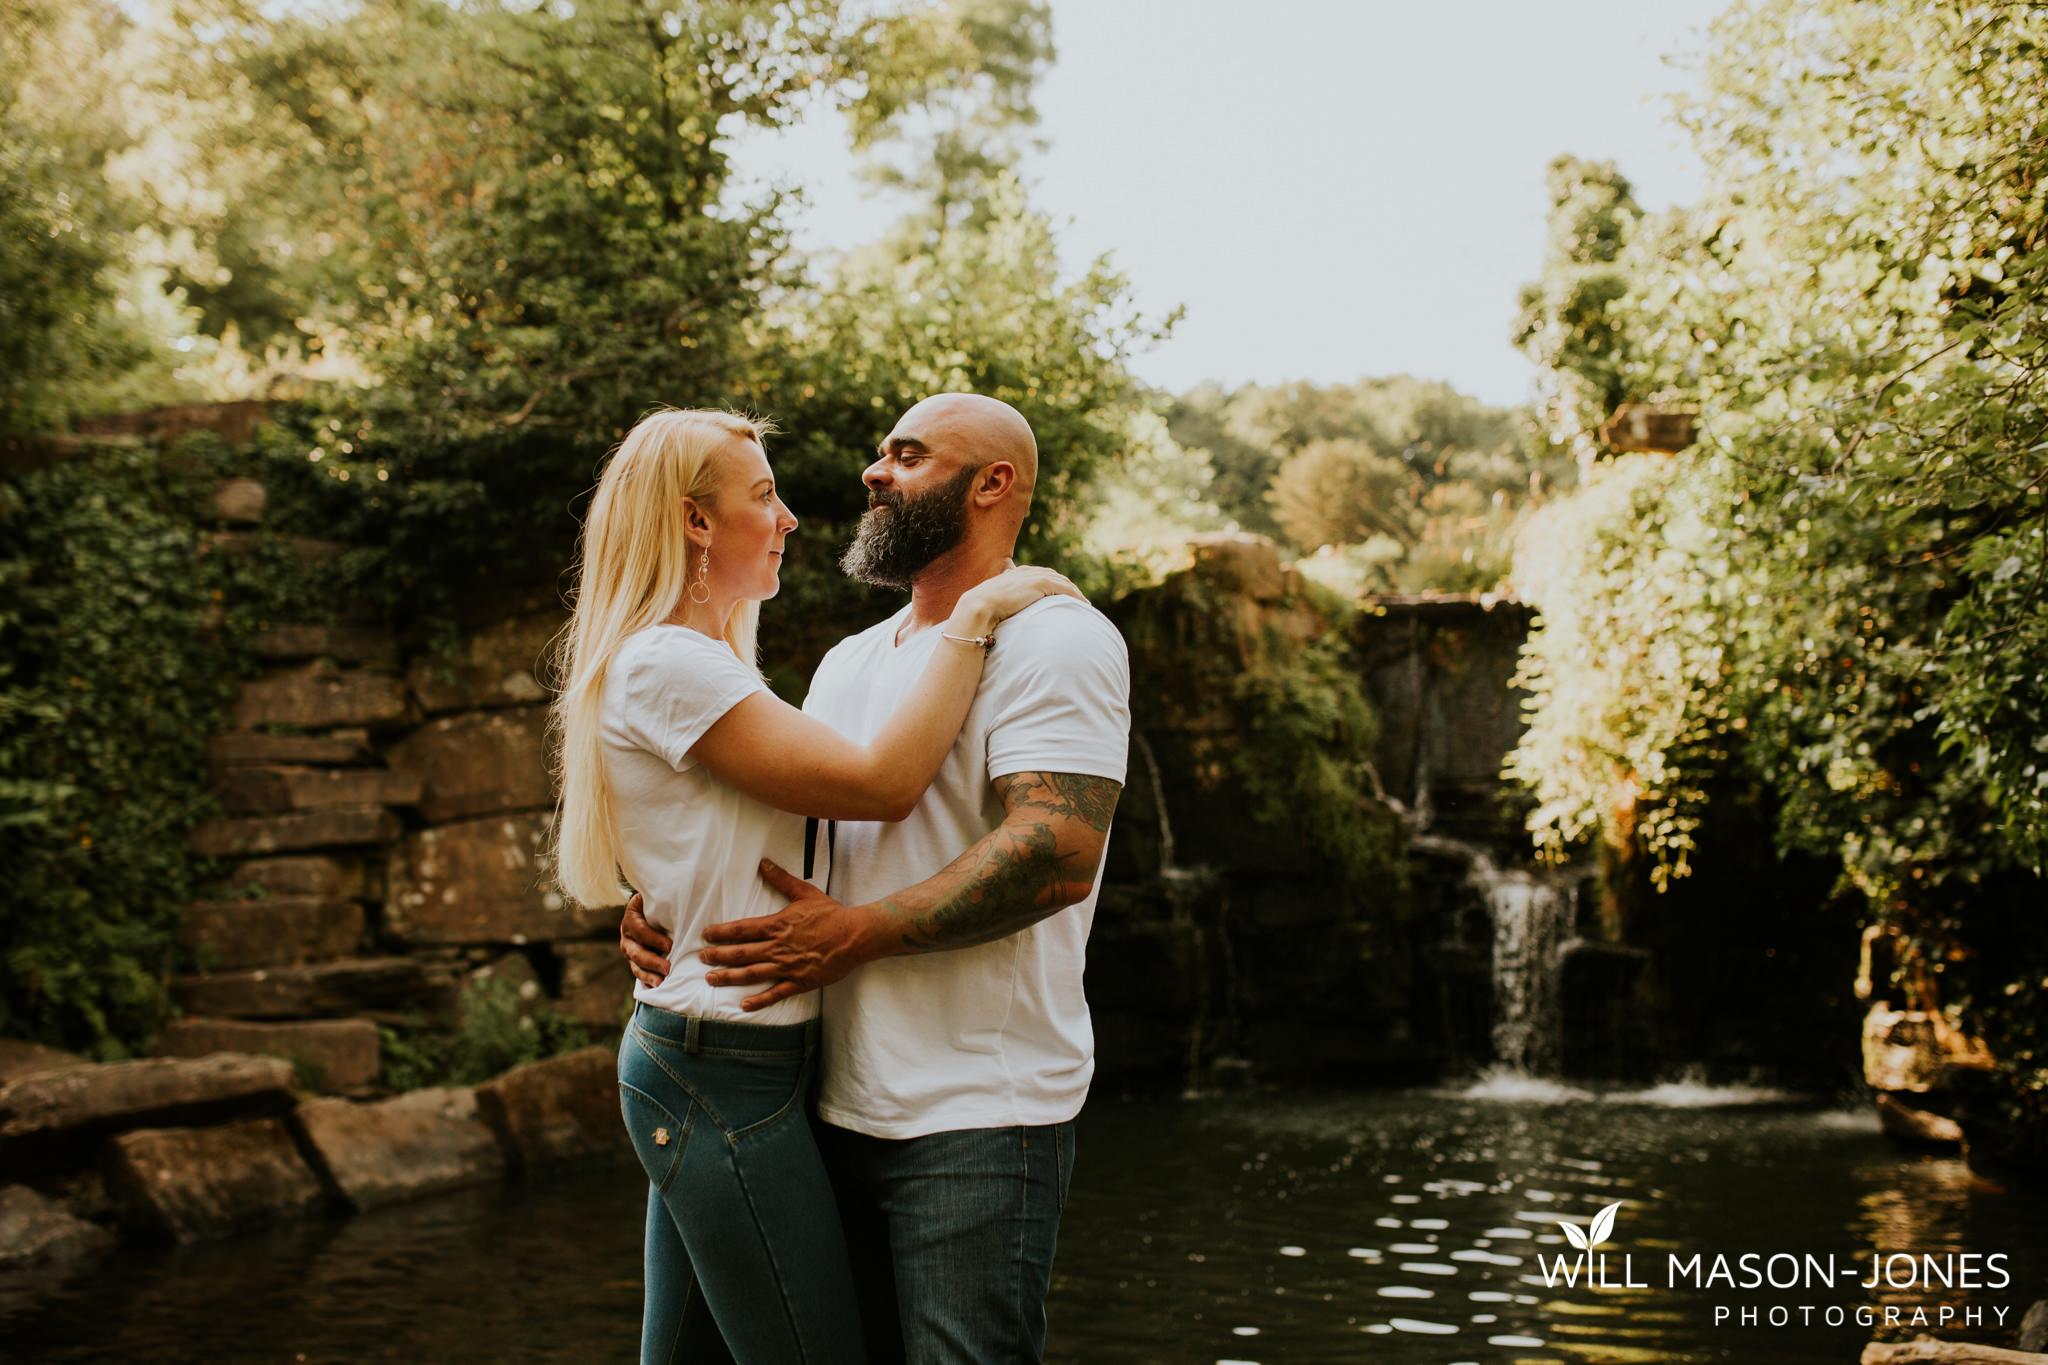 penllegaer-woods-couple-engagement-photographer-swansea-34.jpg